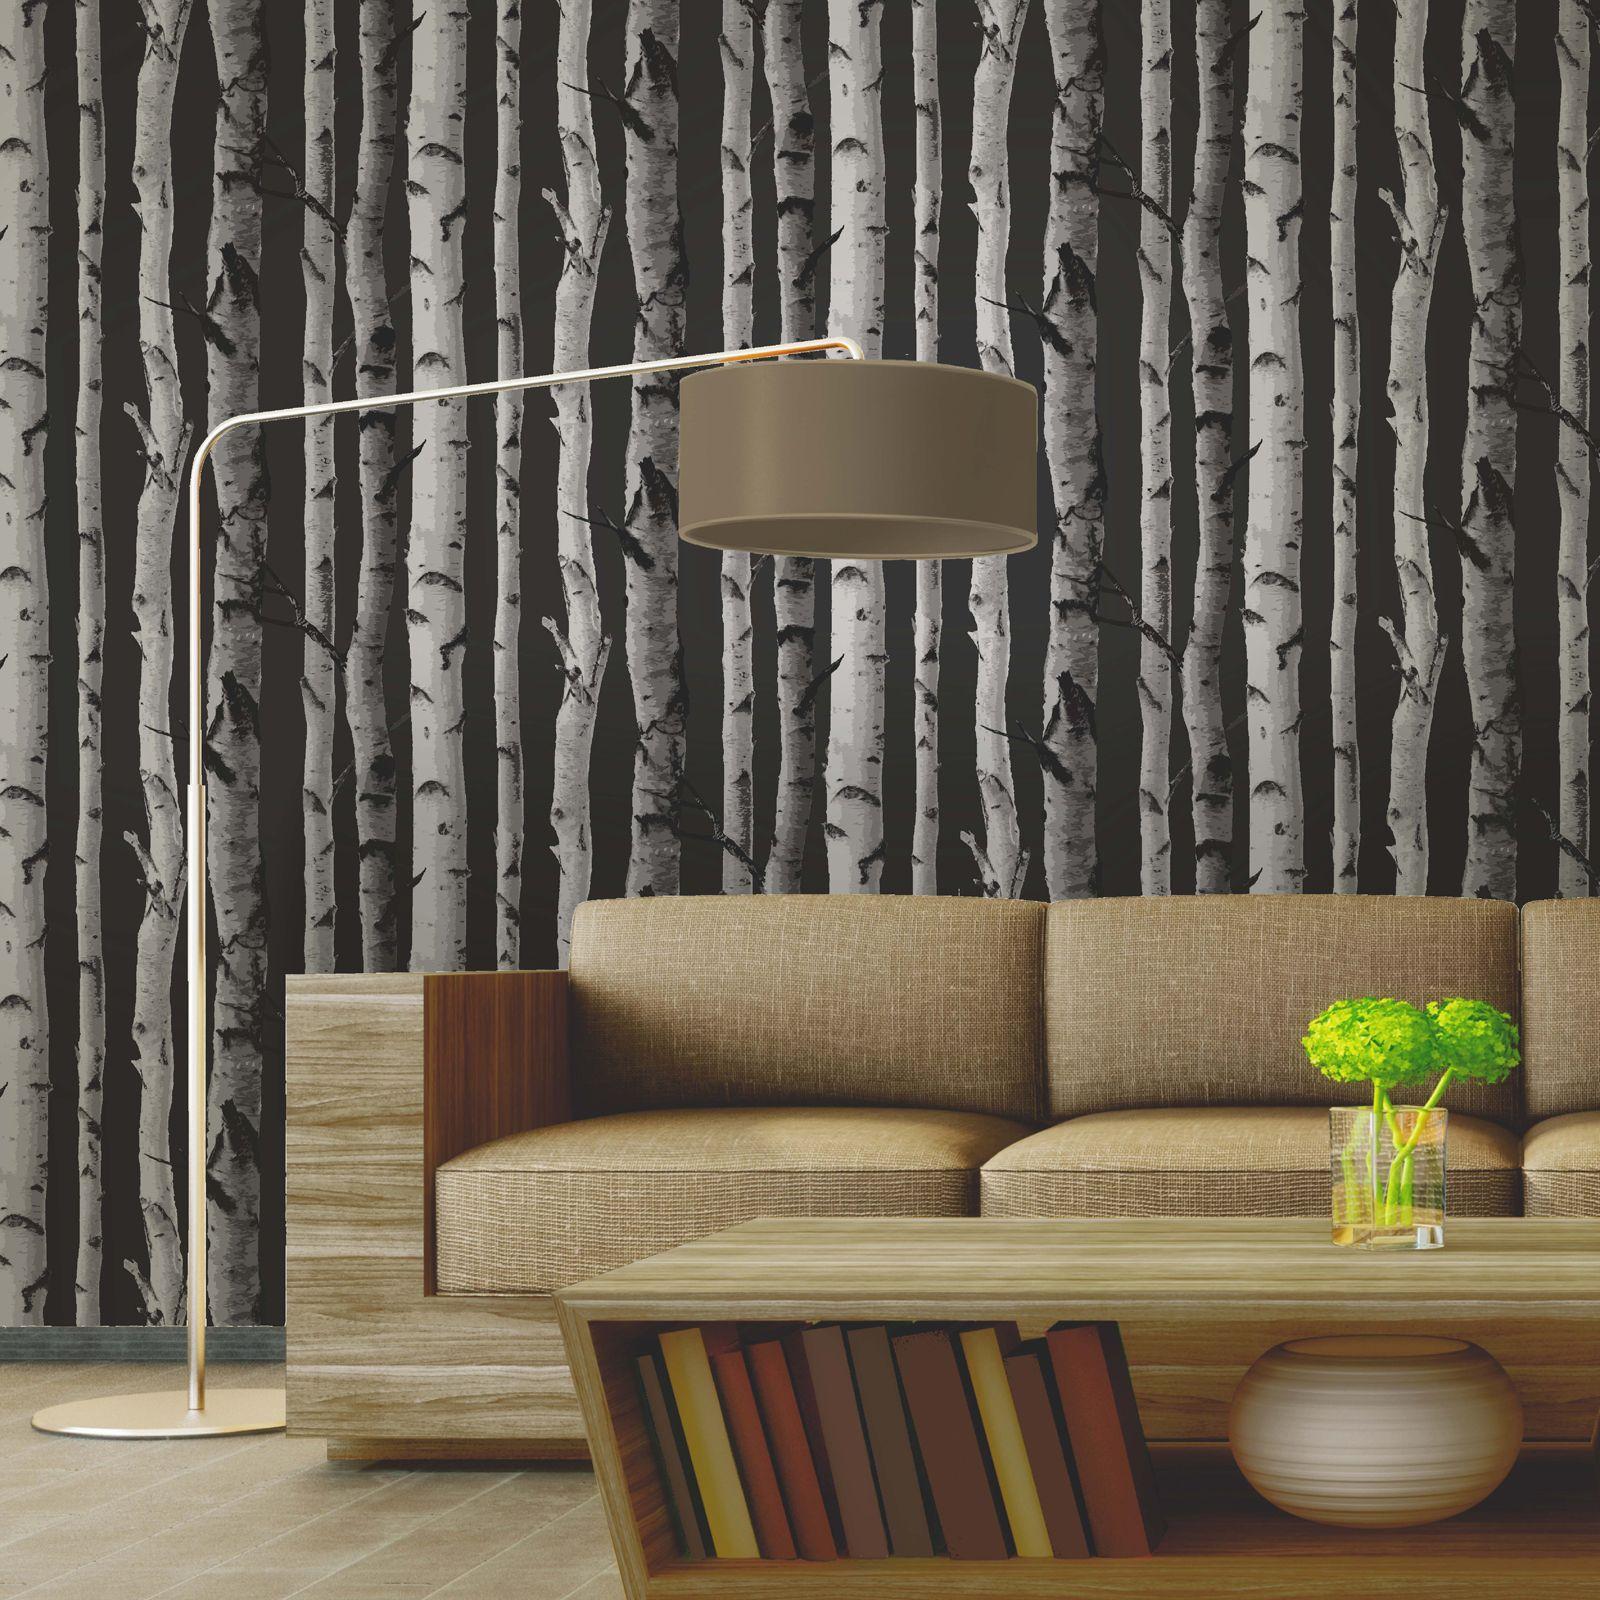 b ume bl tter tapete holz zweige buche weidenk tzchen palme pflanzen ebay. Black Bedroom Furniture Sets. Home Design Ideas